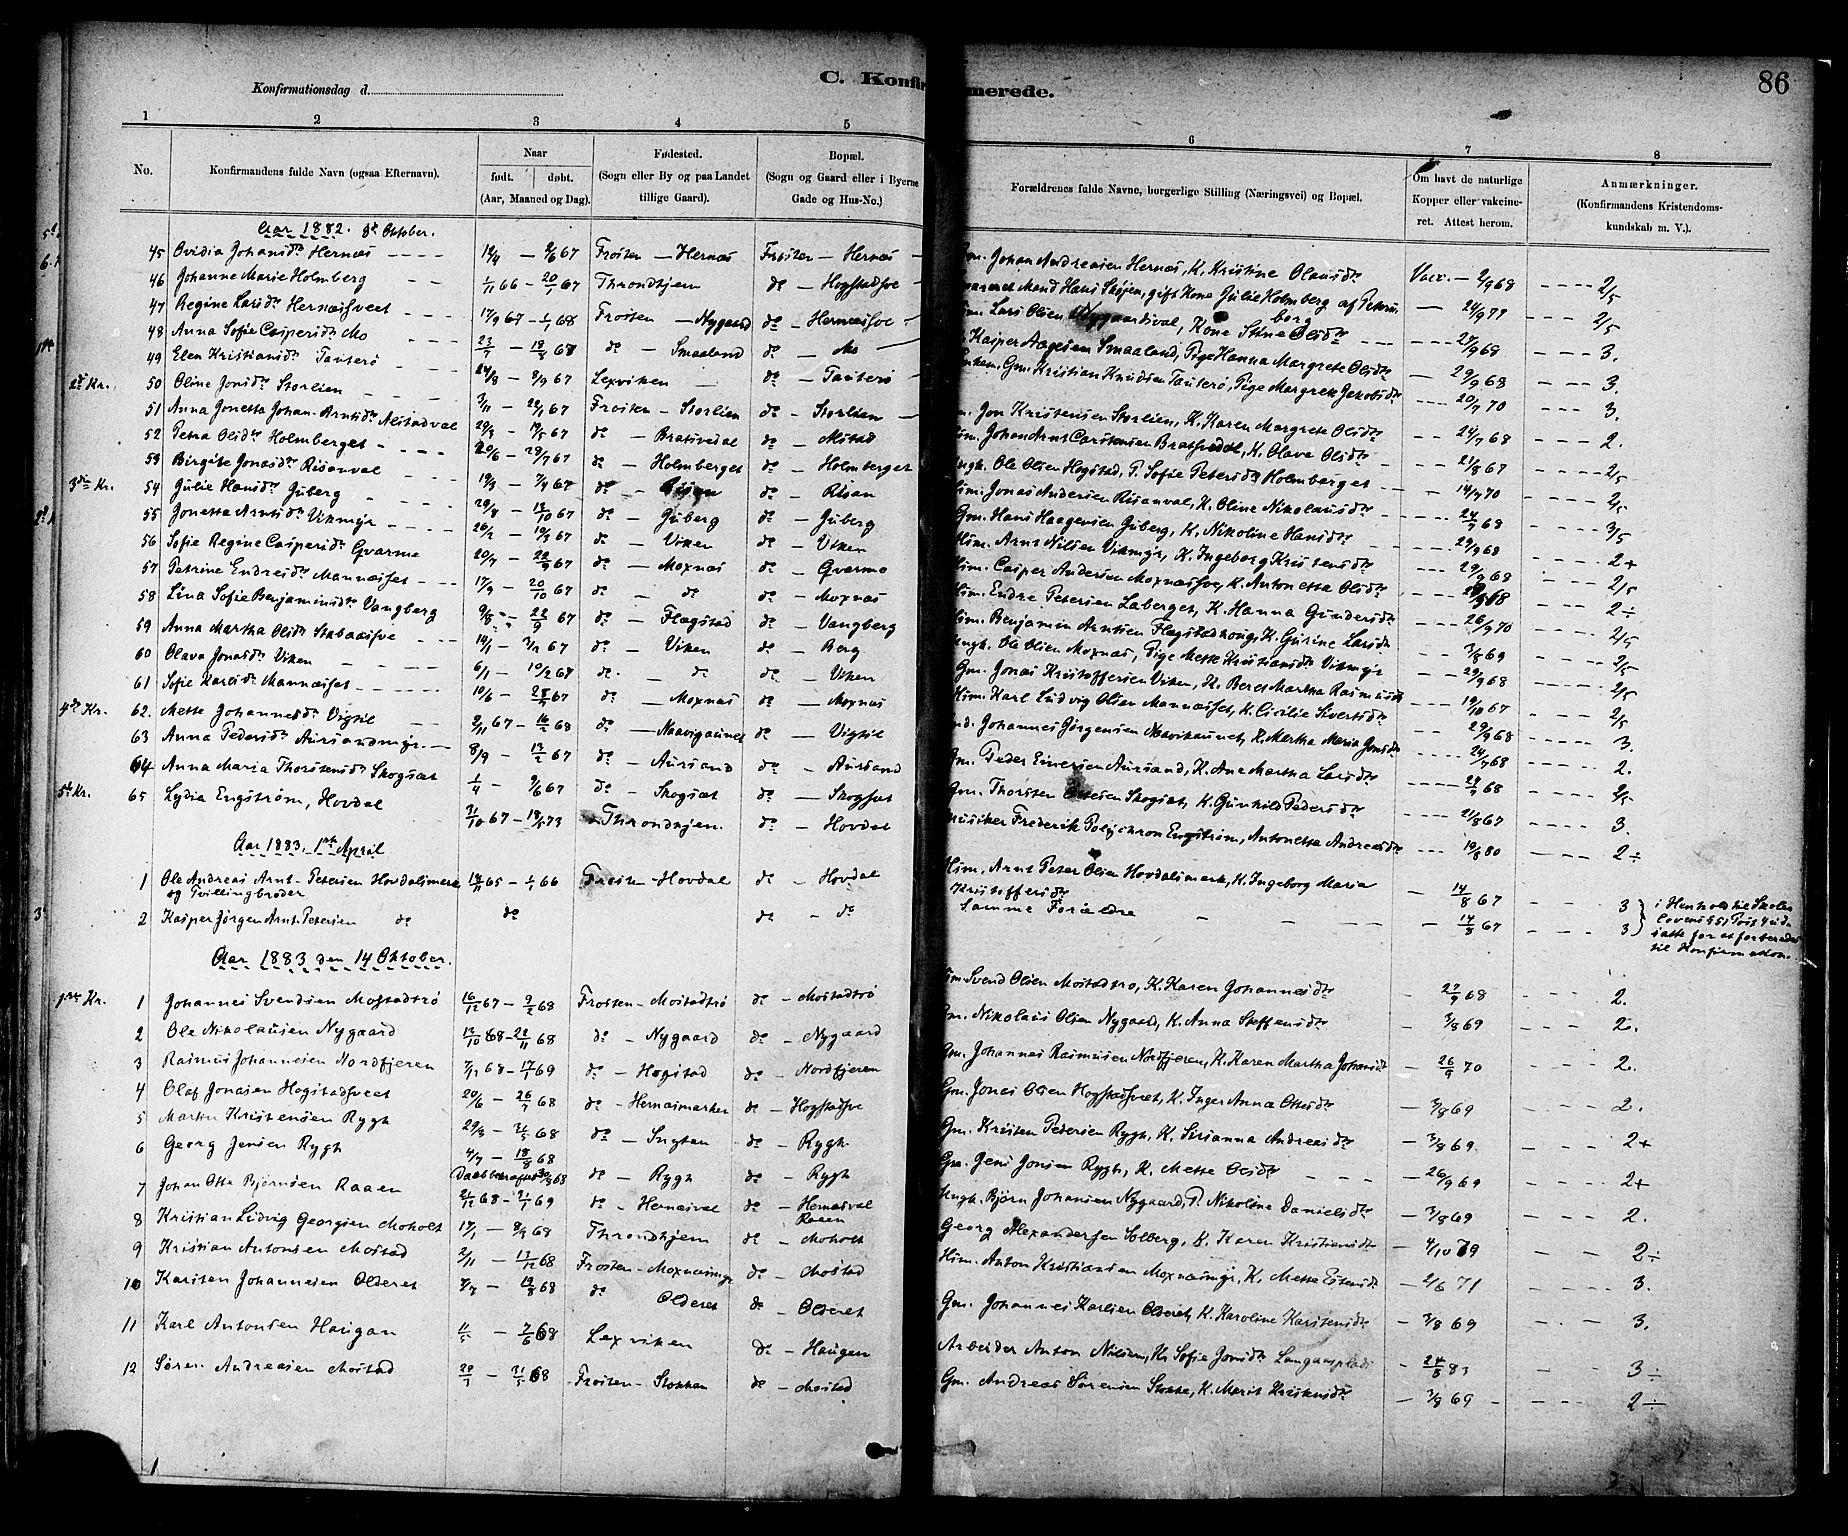 SAT, Ministerialprotokoller, klokkerbøker og fødselsregistre - Nord-Trøndelag, 713/L0120: Ministerialbok nr. 713A09, 1878-1887, s. 86